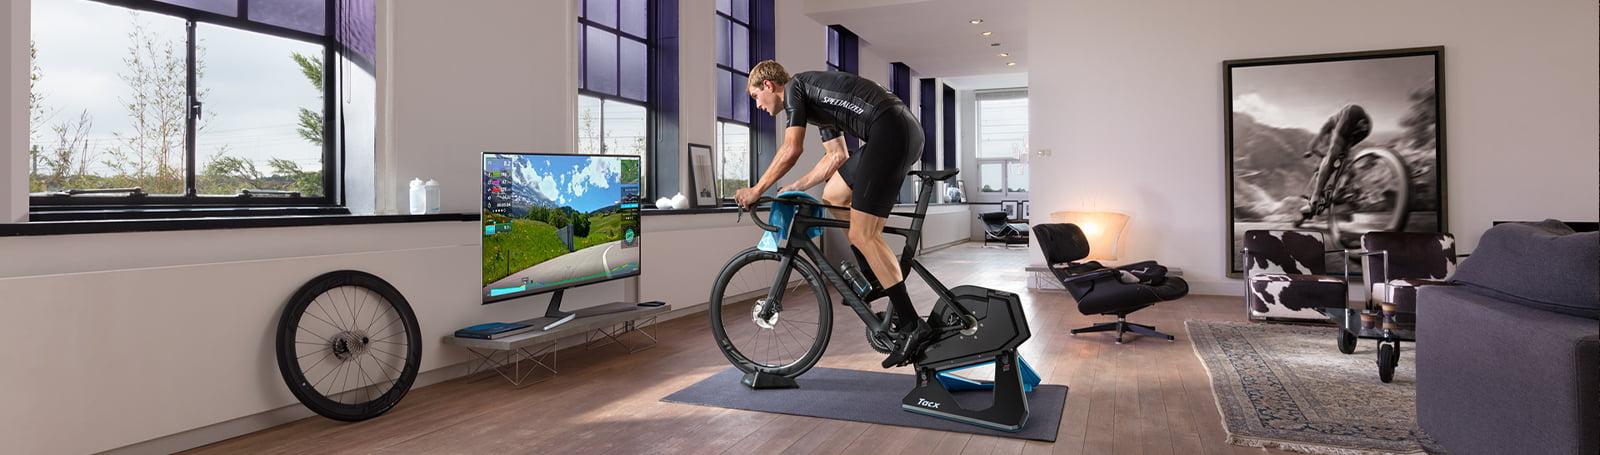 Training Indoor